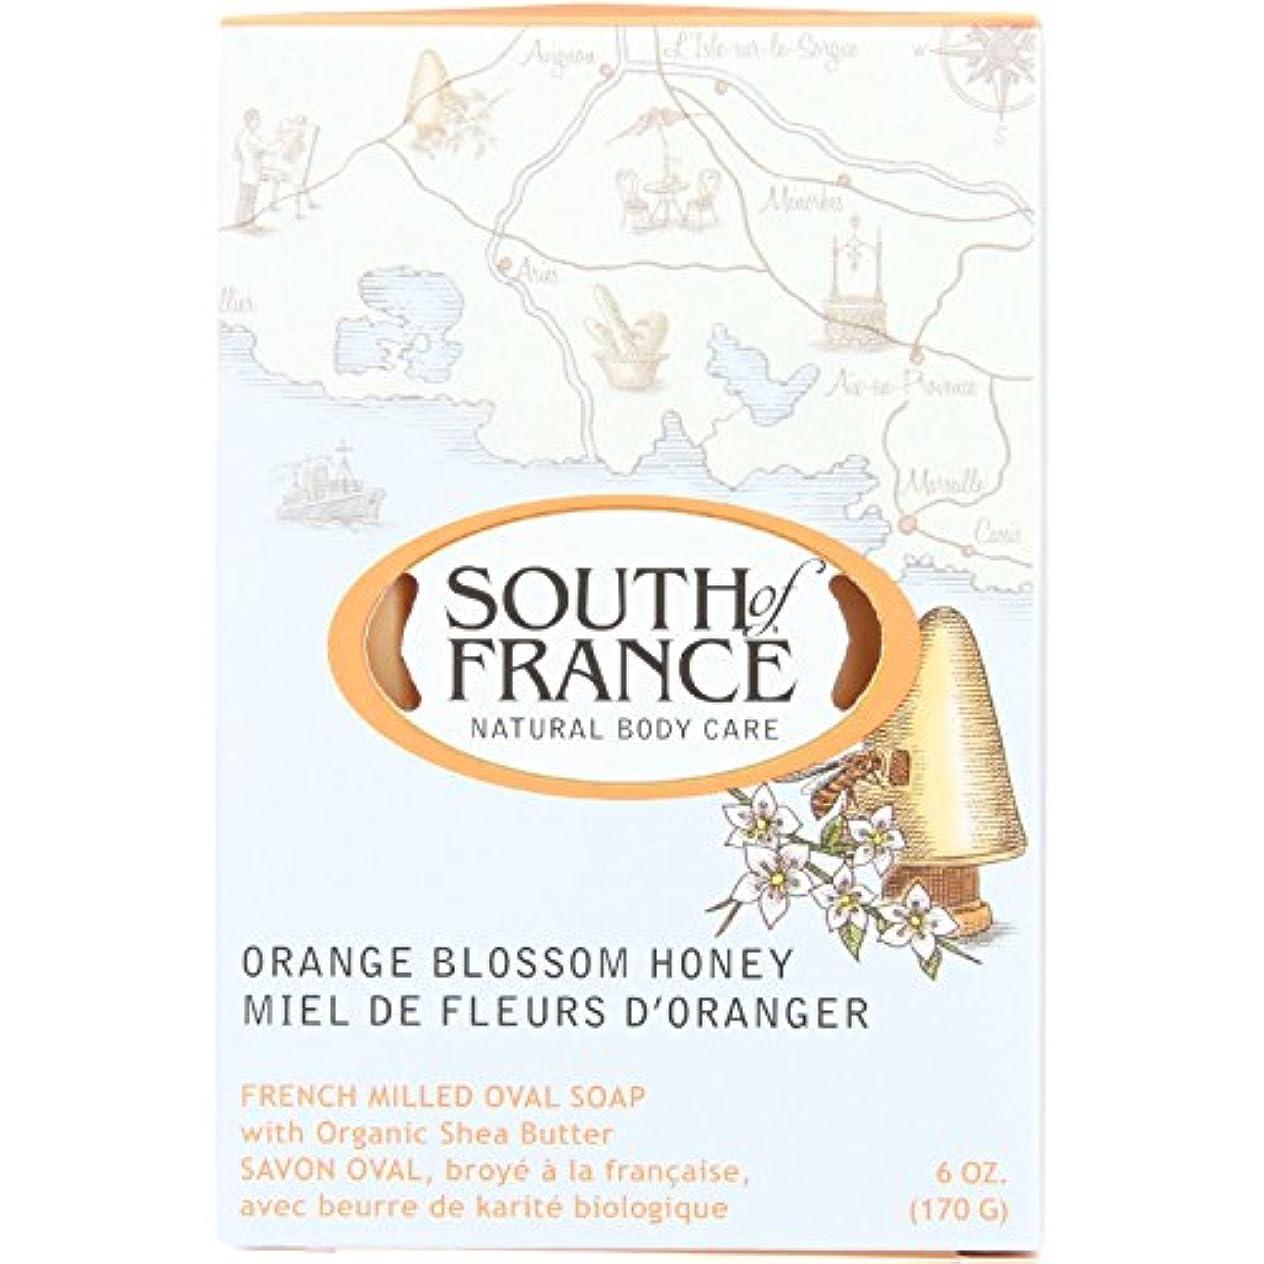 配送知っているに立ち寄るゾーンSouth of France - フランスの製粉された野菜棒石鹸のオレンジ花の蜂蜜 - 6ポンド